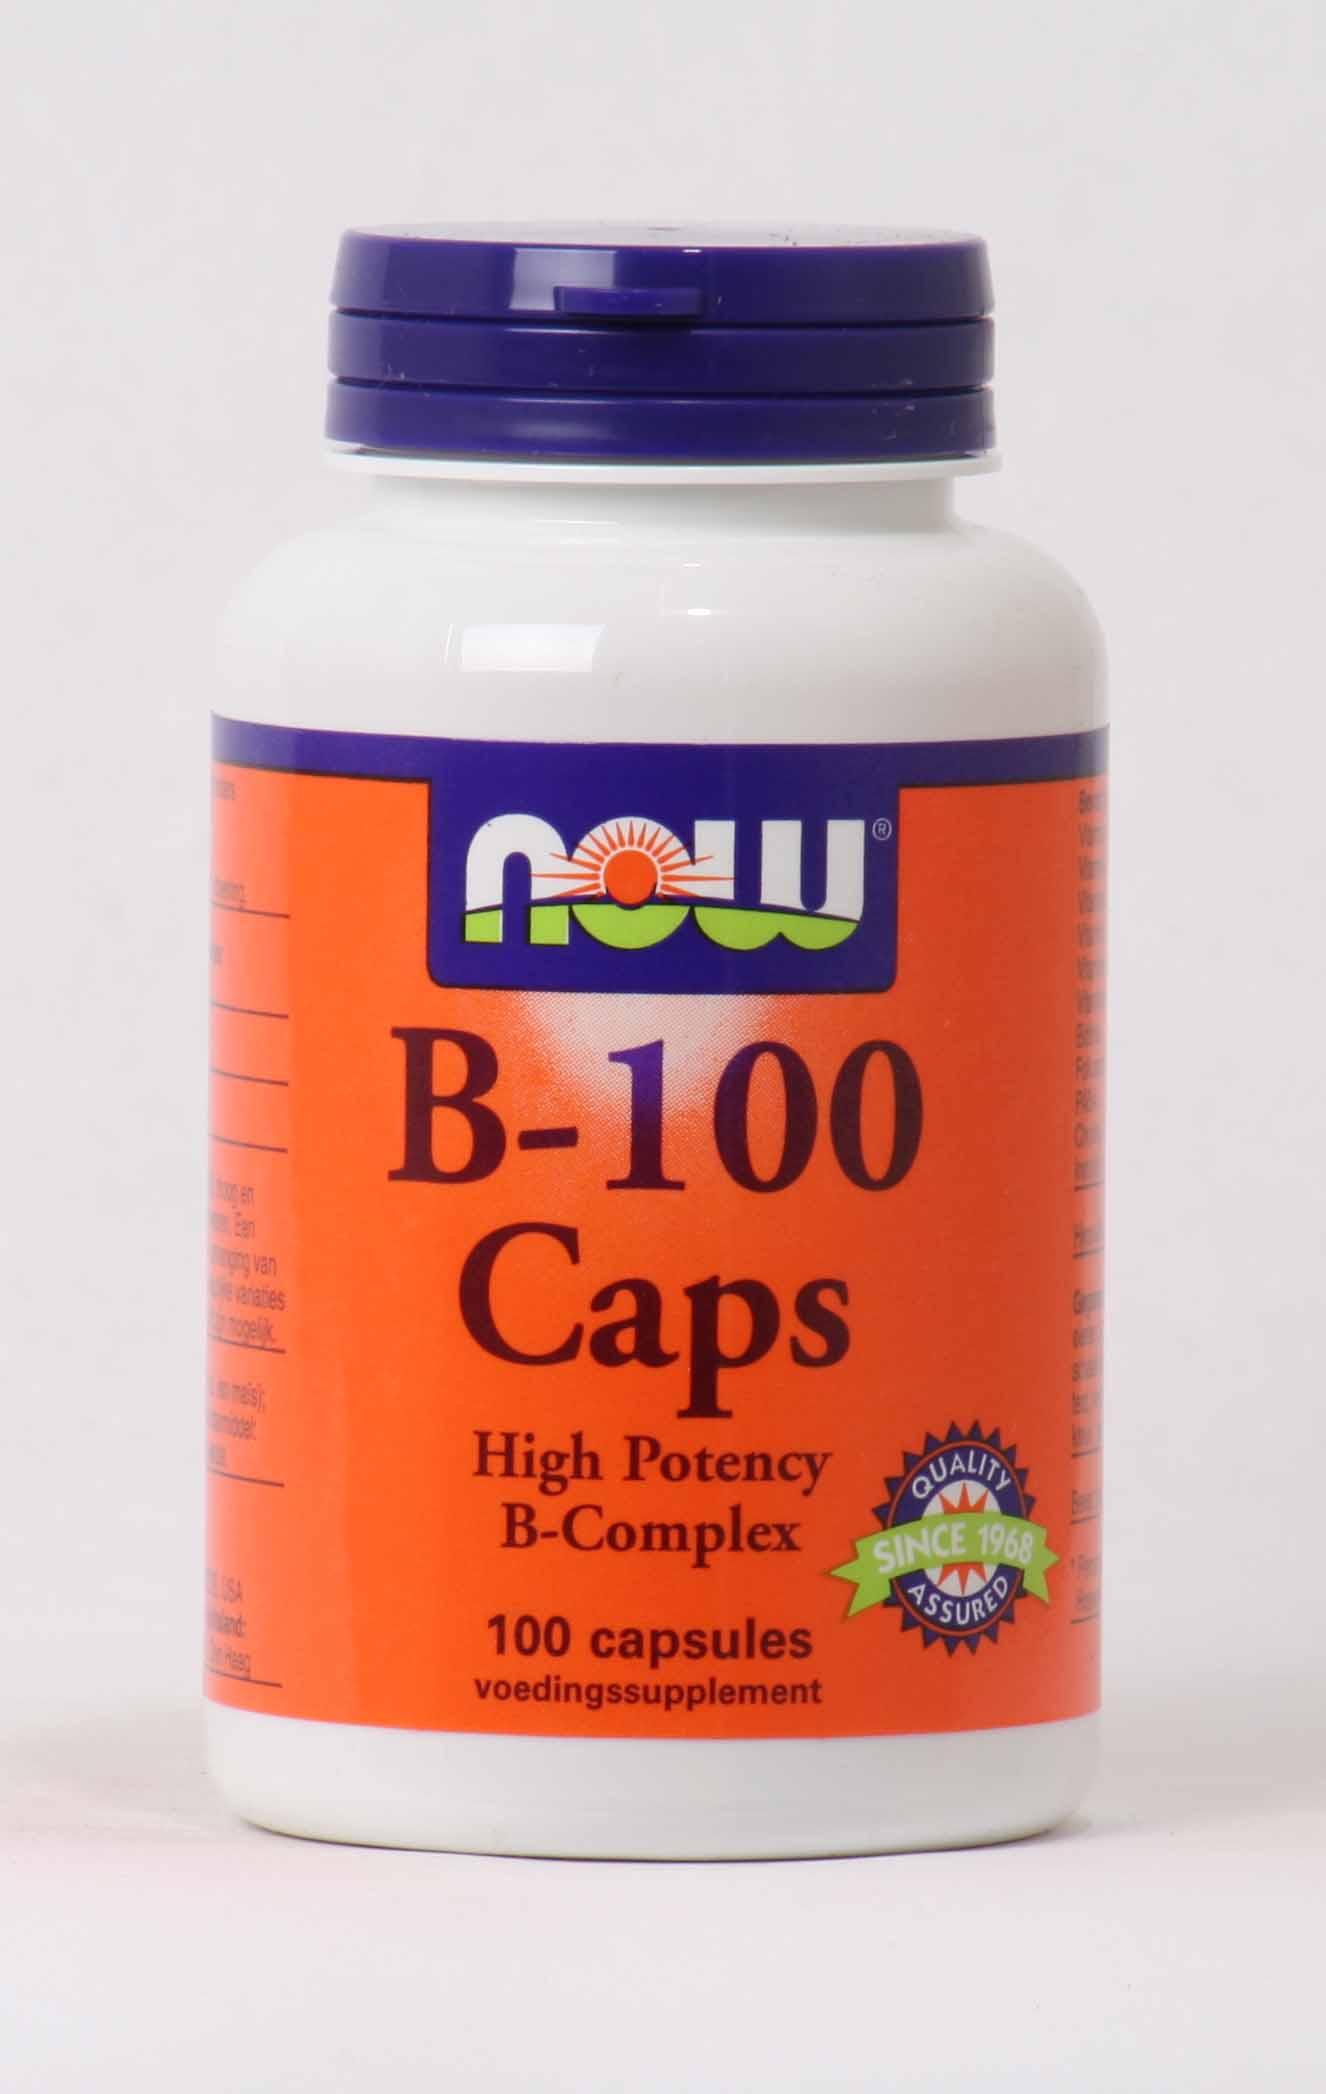 http://vitamine-hond.com/fotos-vitamine-homeopathie-hond/vitamine_b-100-complex.jpg